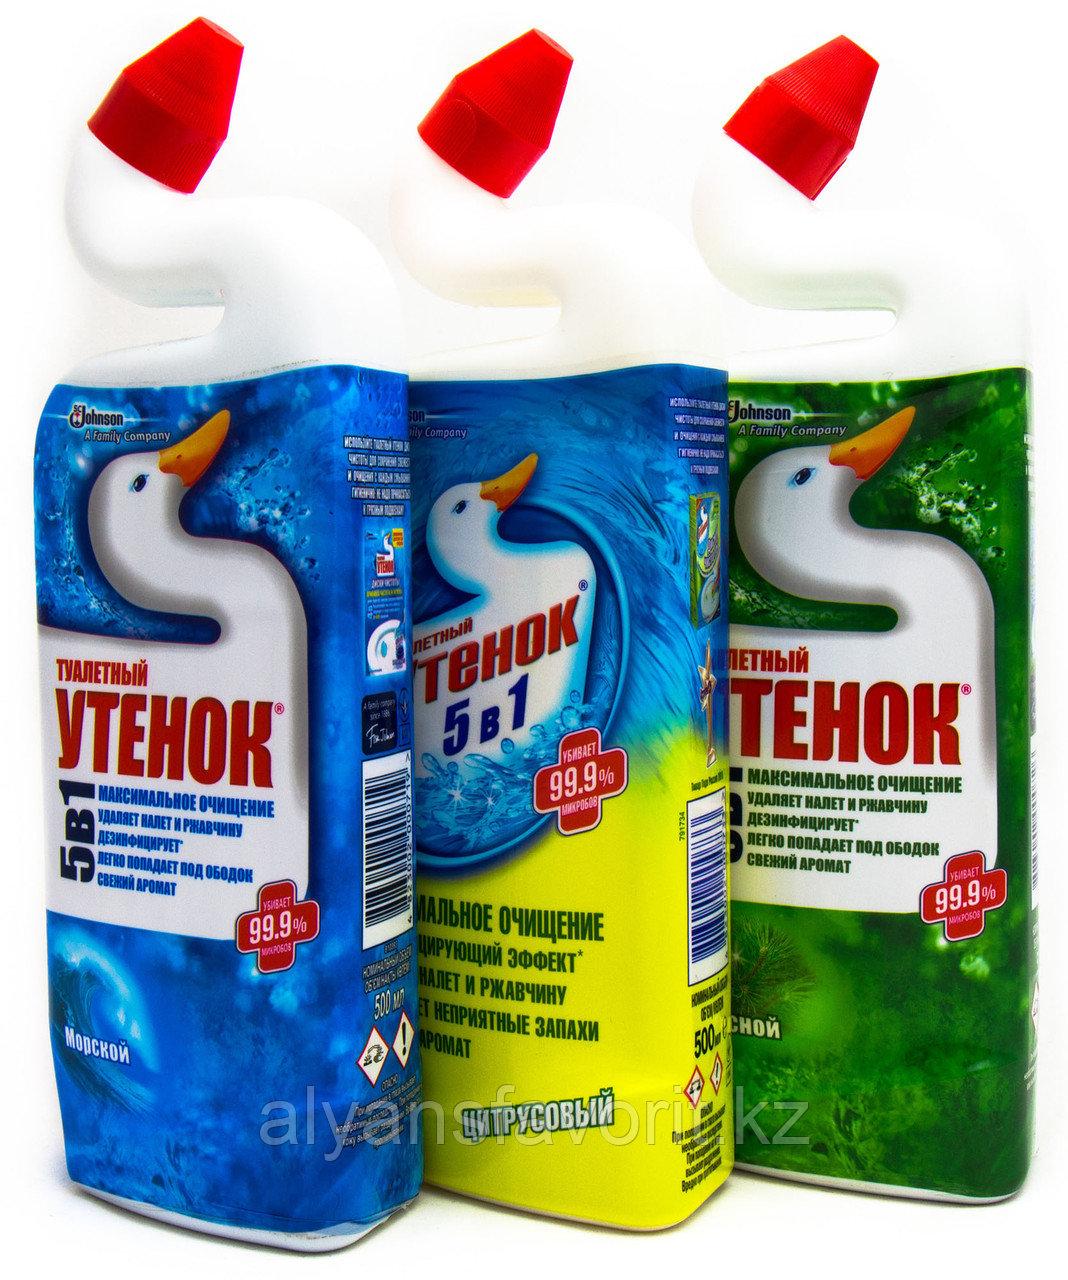 Туалетный Утенок -средство для мытья унитазов и сантехники. 500 мл.